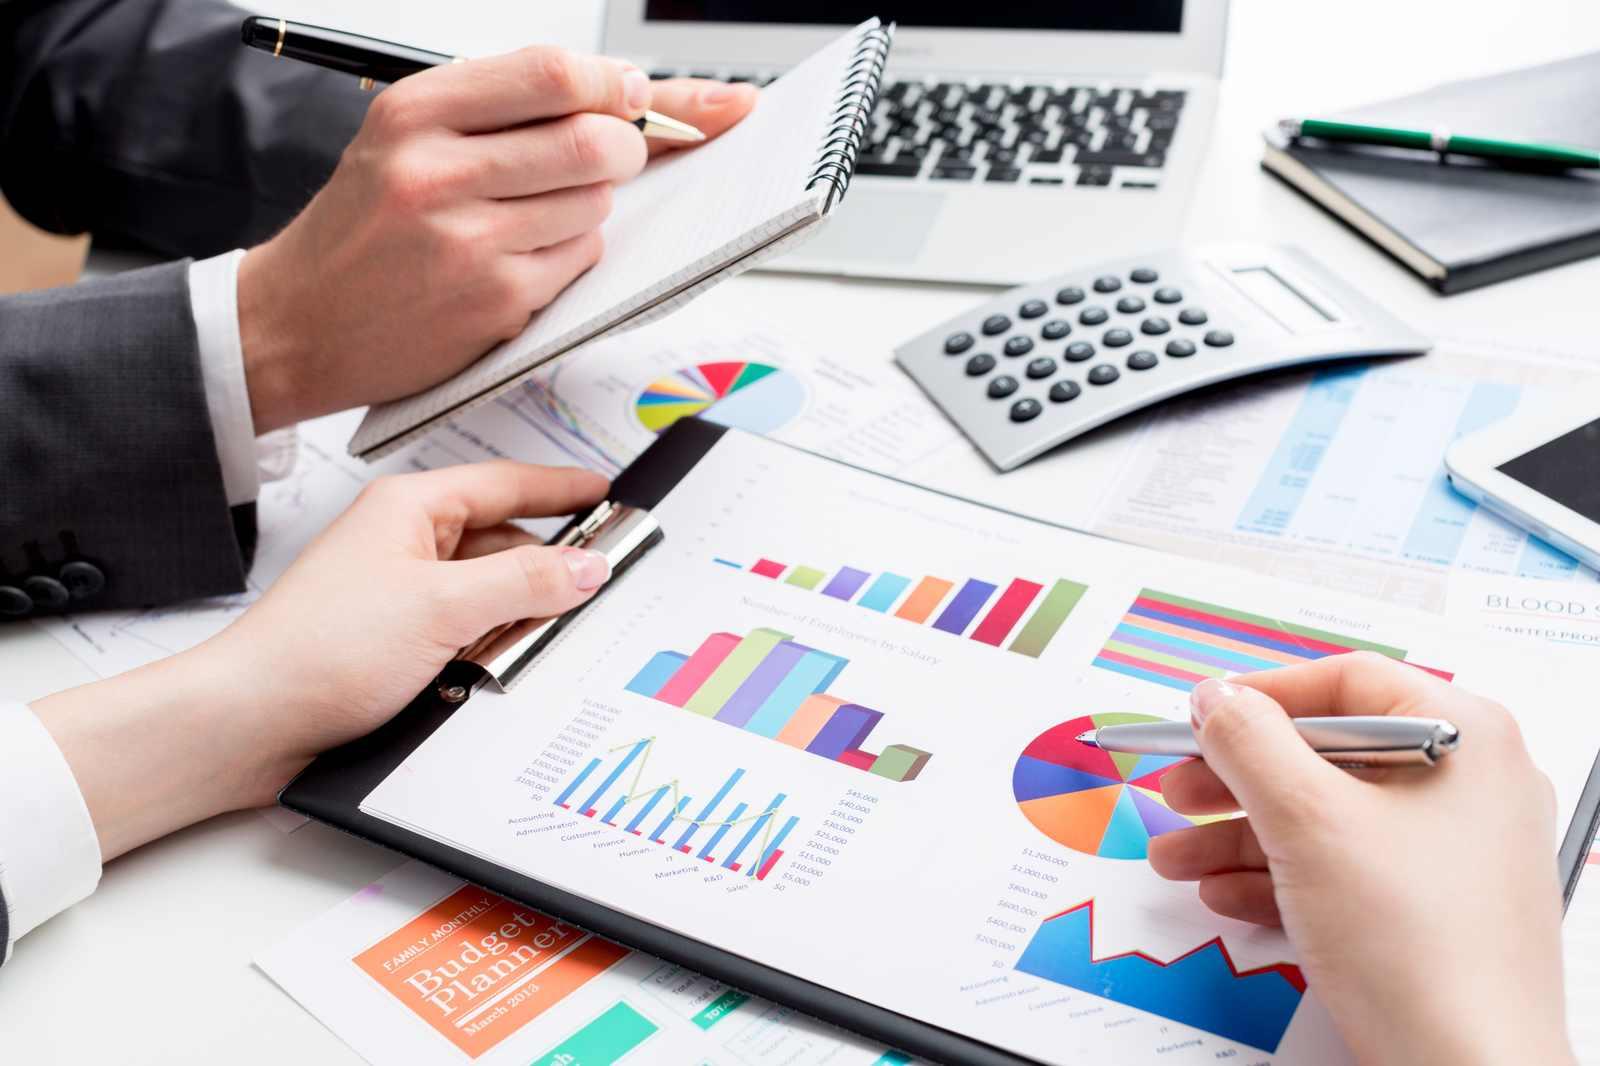 المحاسبة عن الأصول المتداولة - تابع أساسيات المخزون في المحاسبة